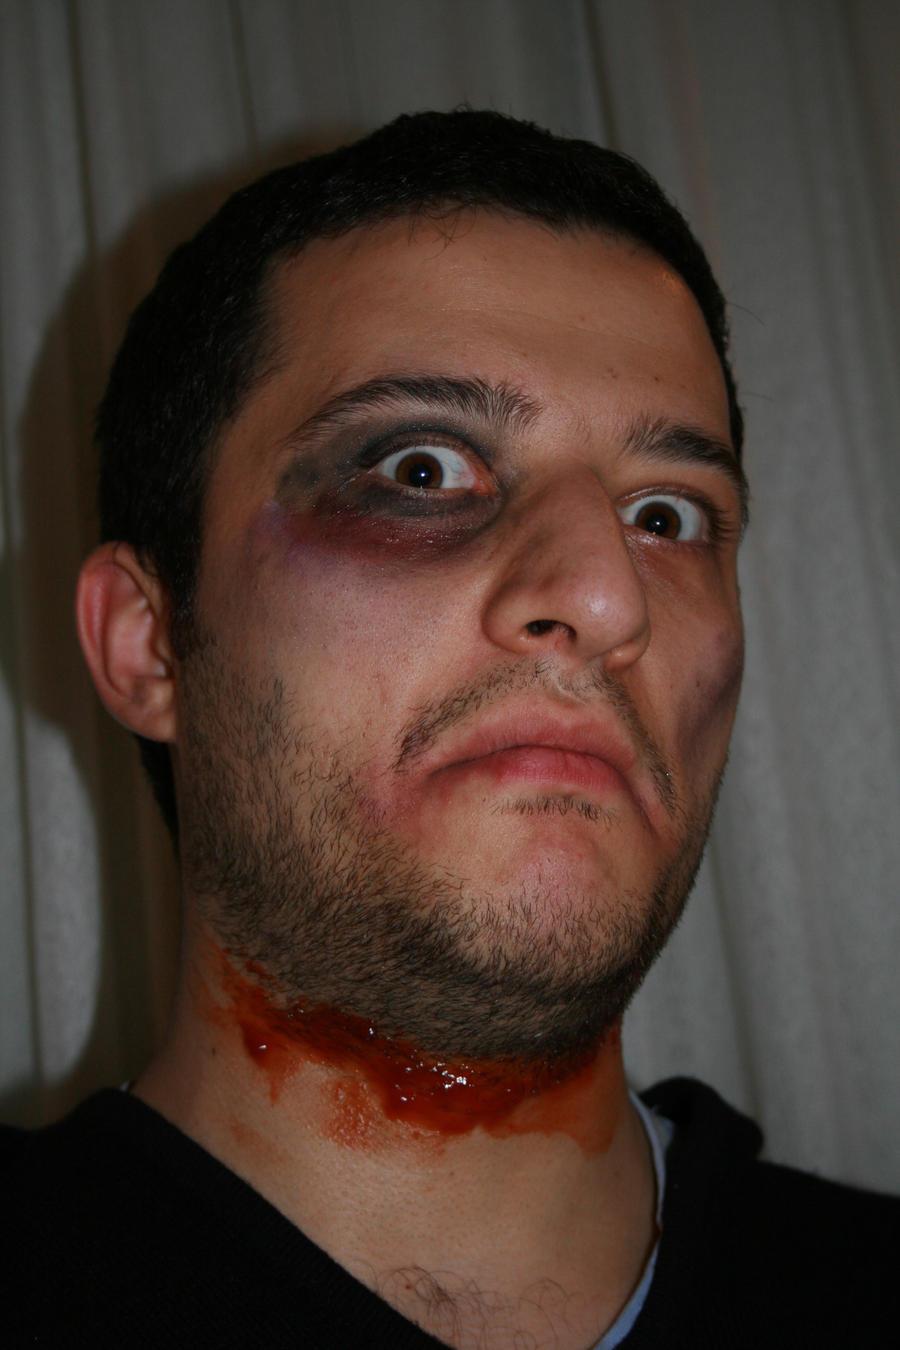 zombie by snaplilly